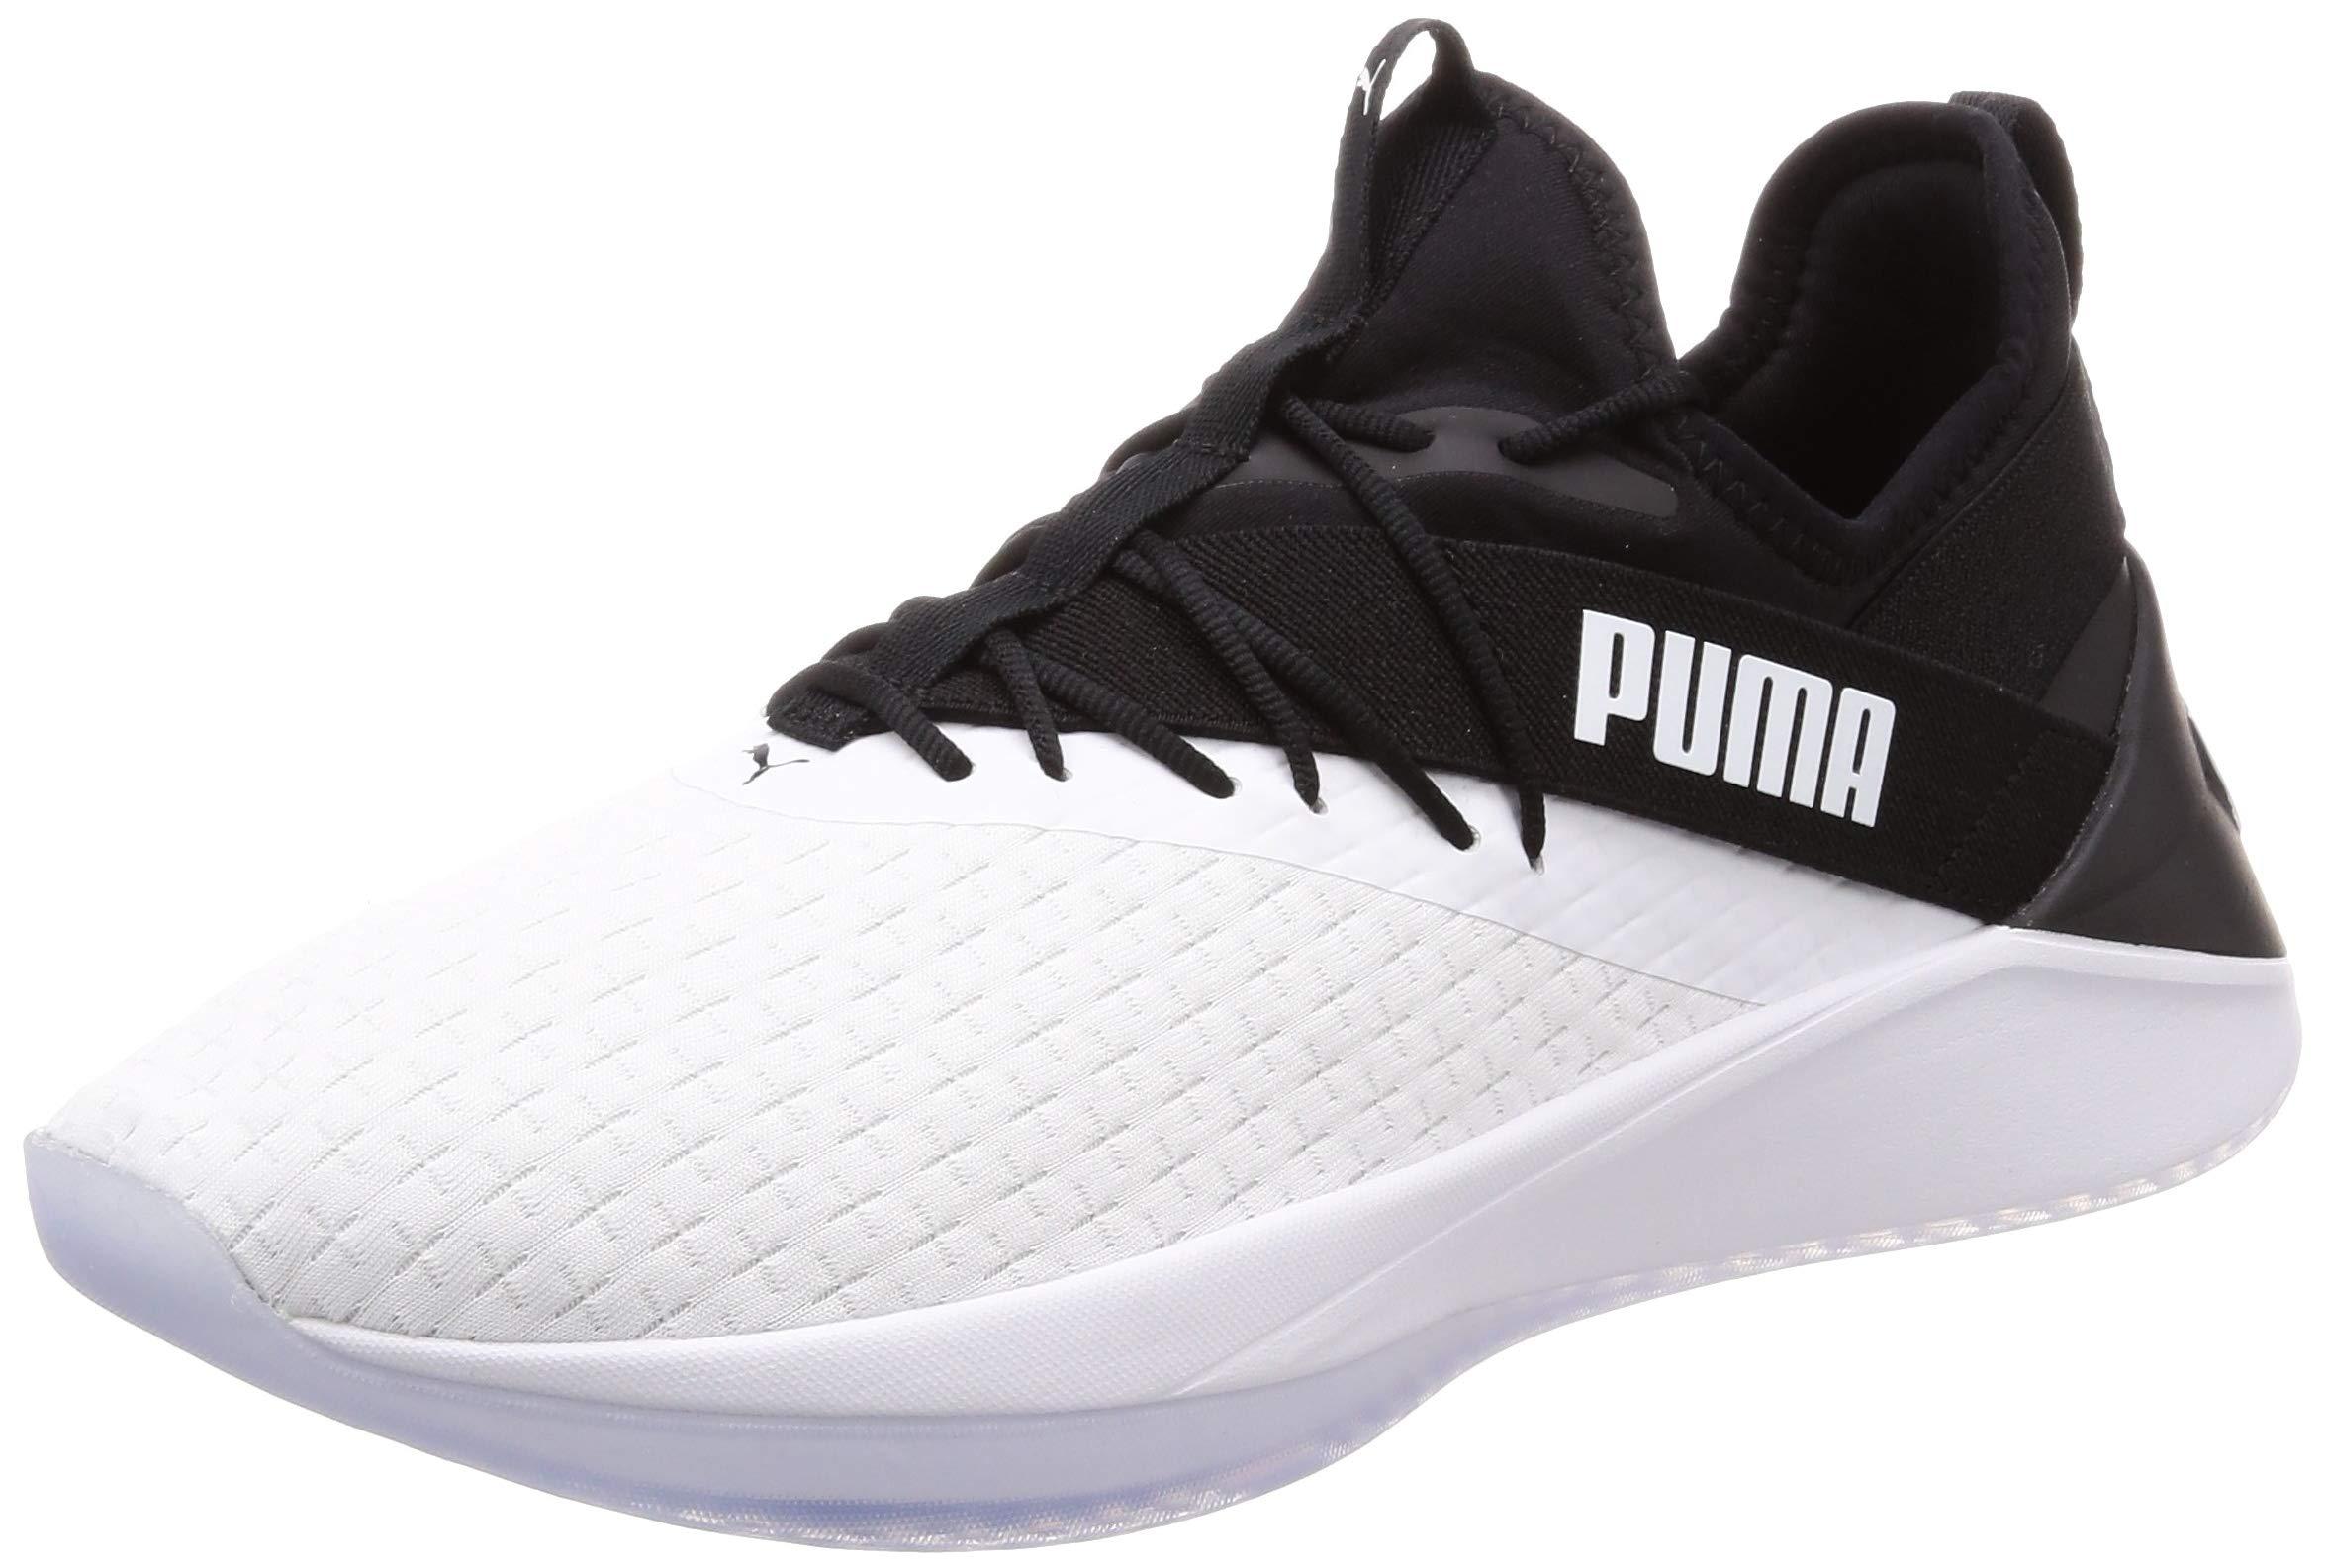 Top Chaussures de sport en salle homme selon les notes